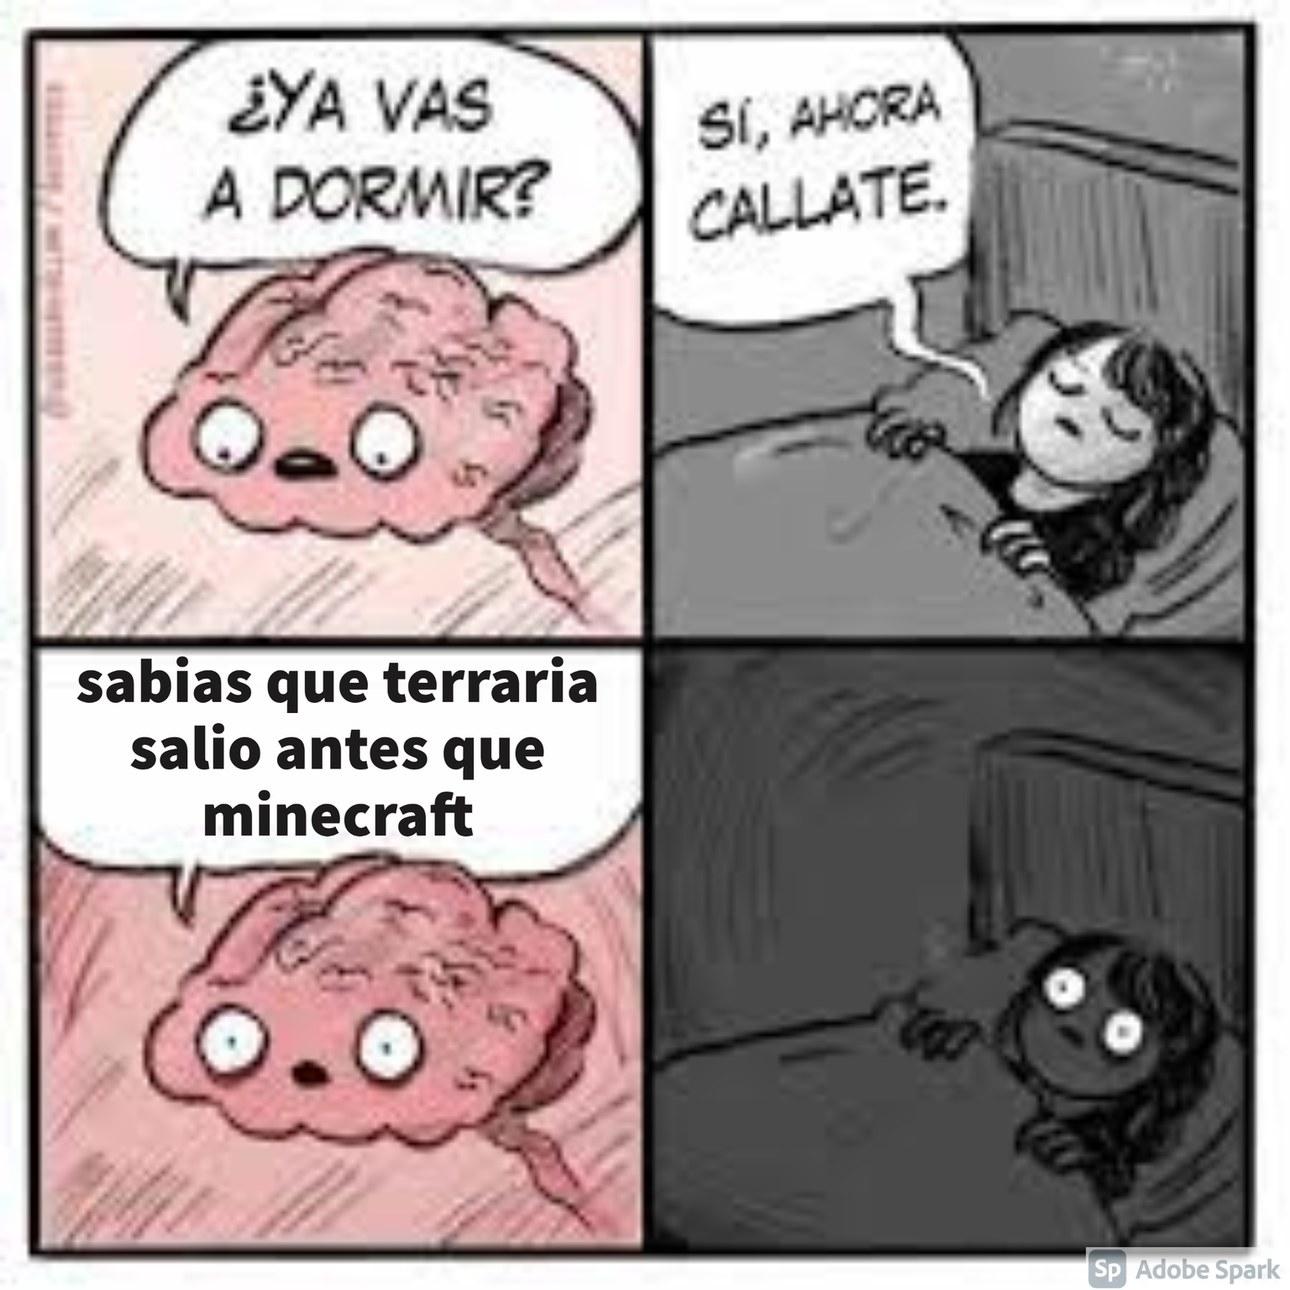 entonces minecraft es terraria pero en 3D - meme